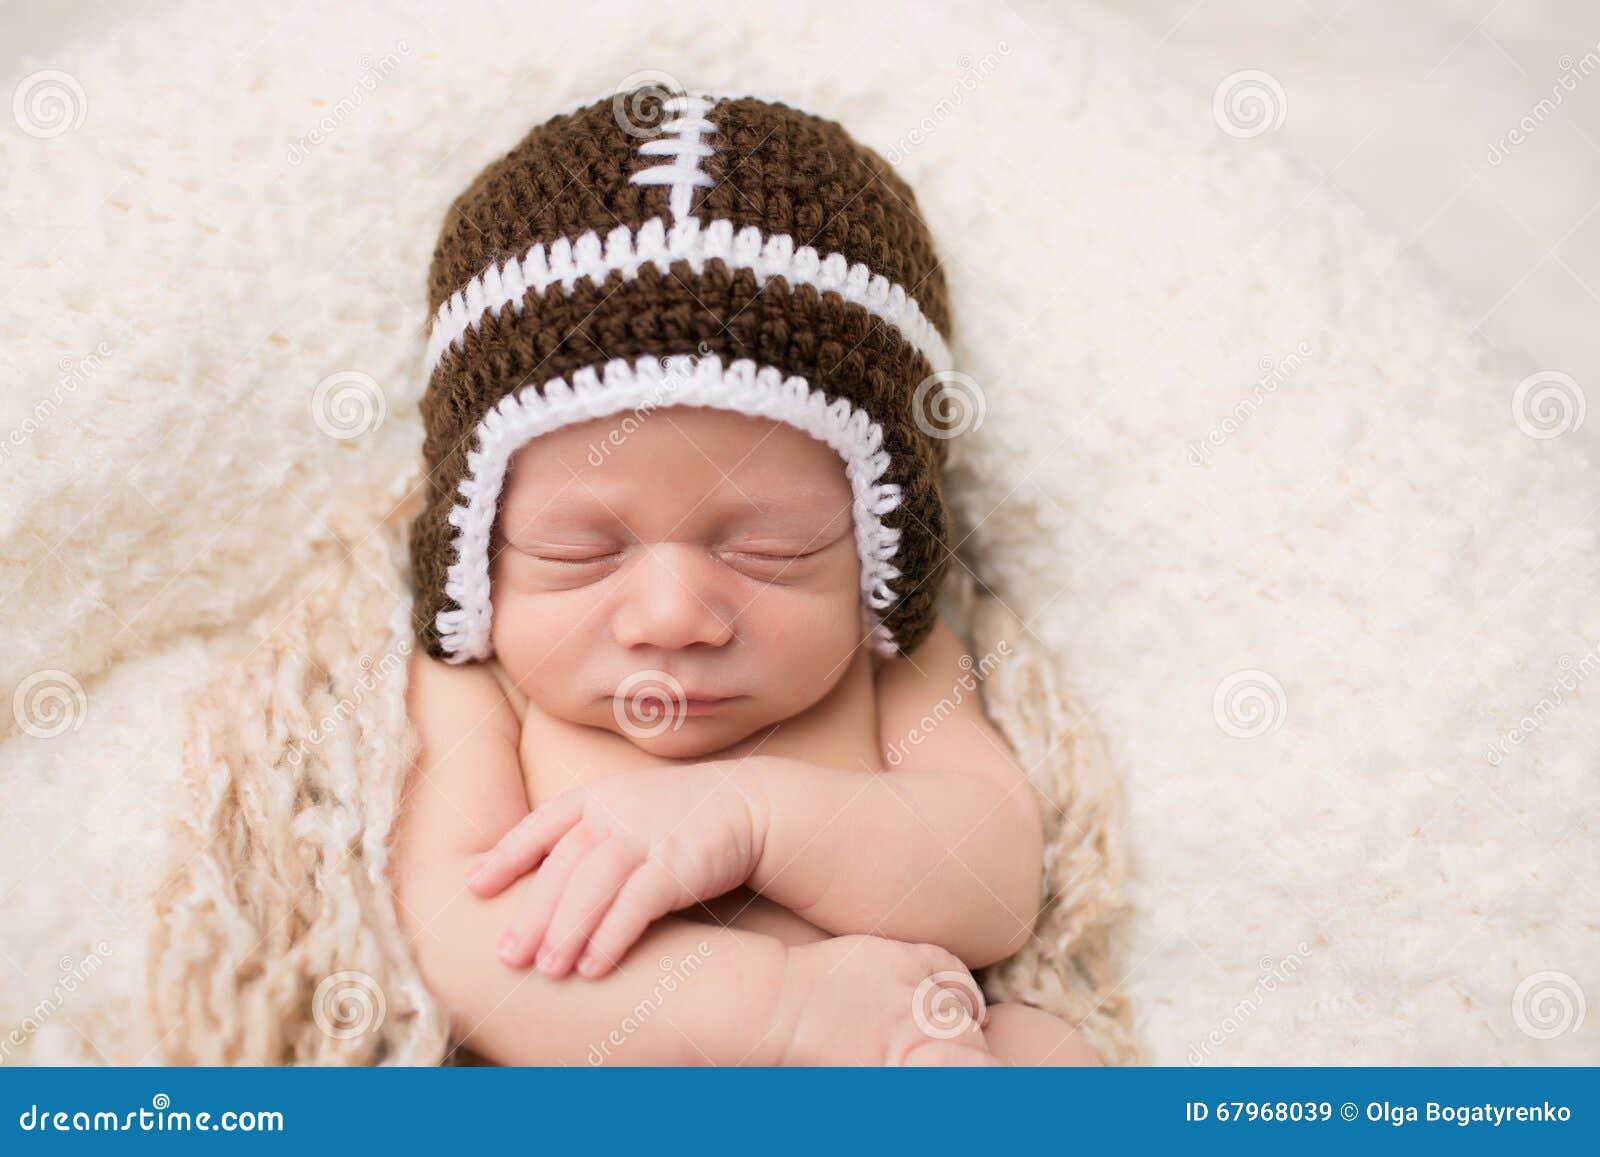 Νεογέννητος ύπνος μωρών στο καπέλο ποδοσφαίρου